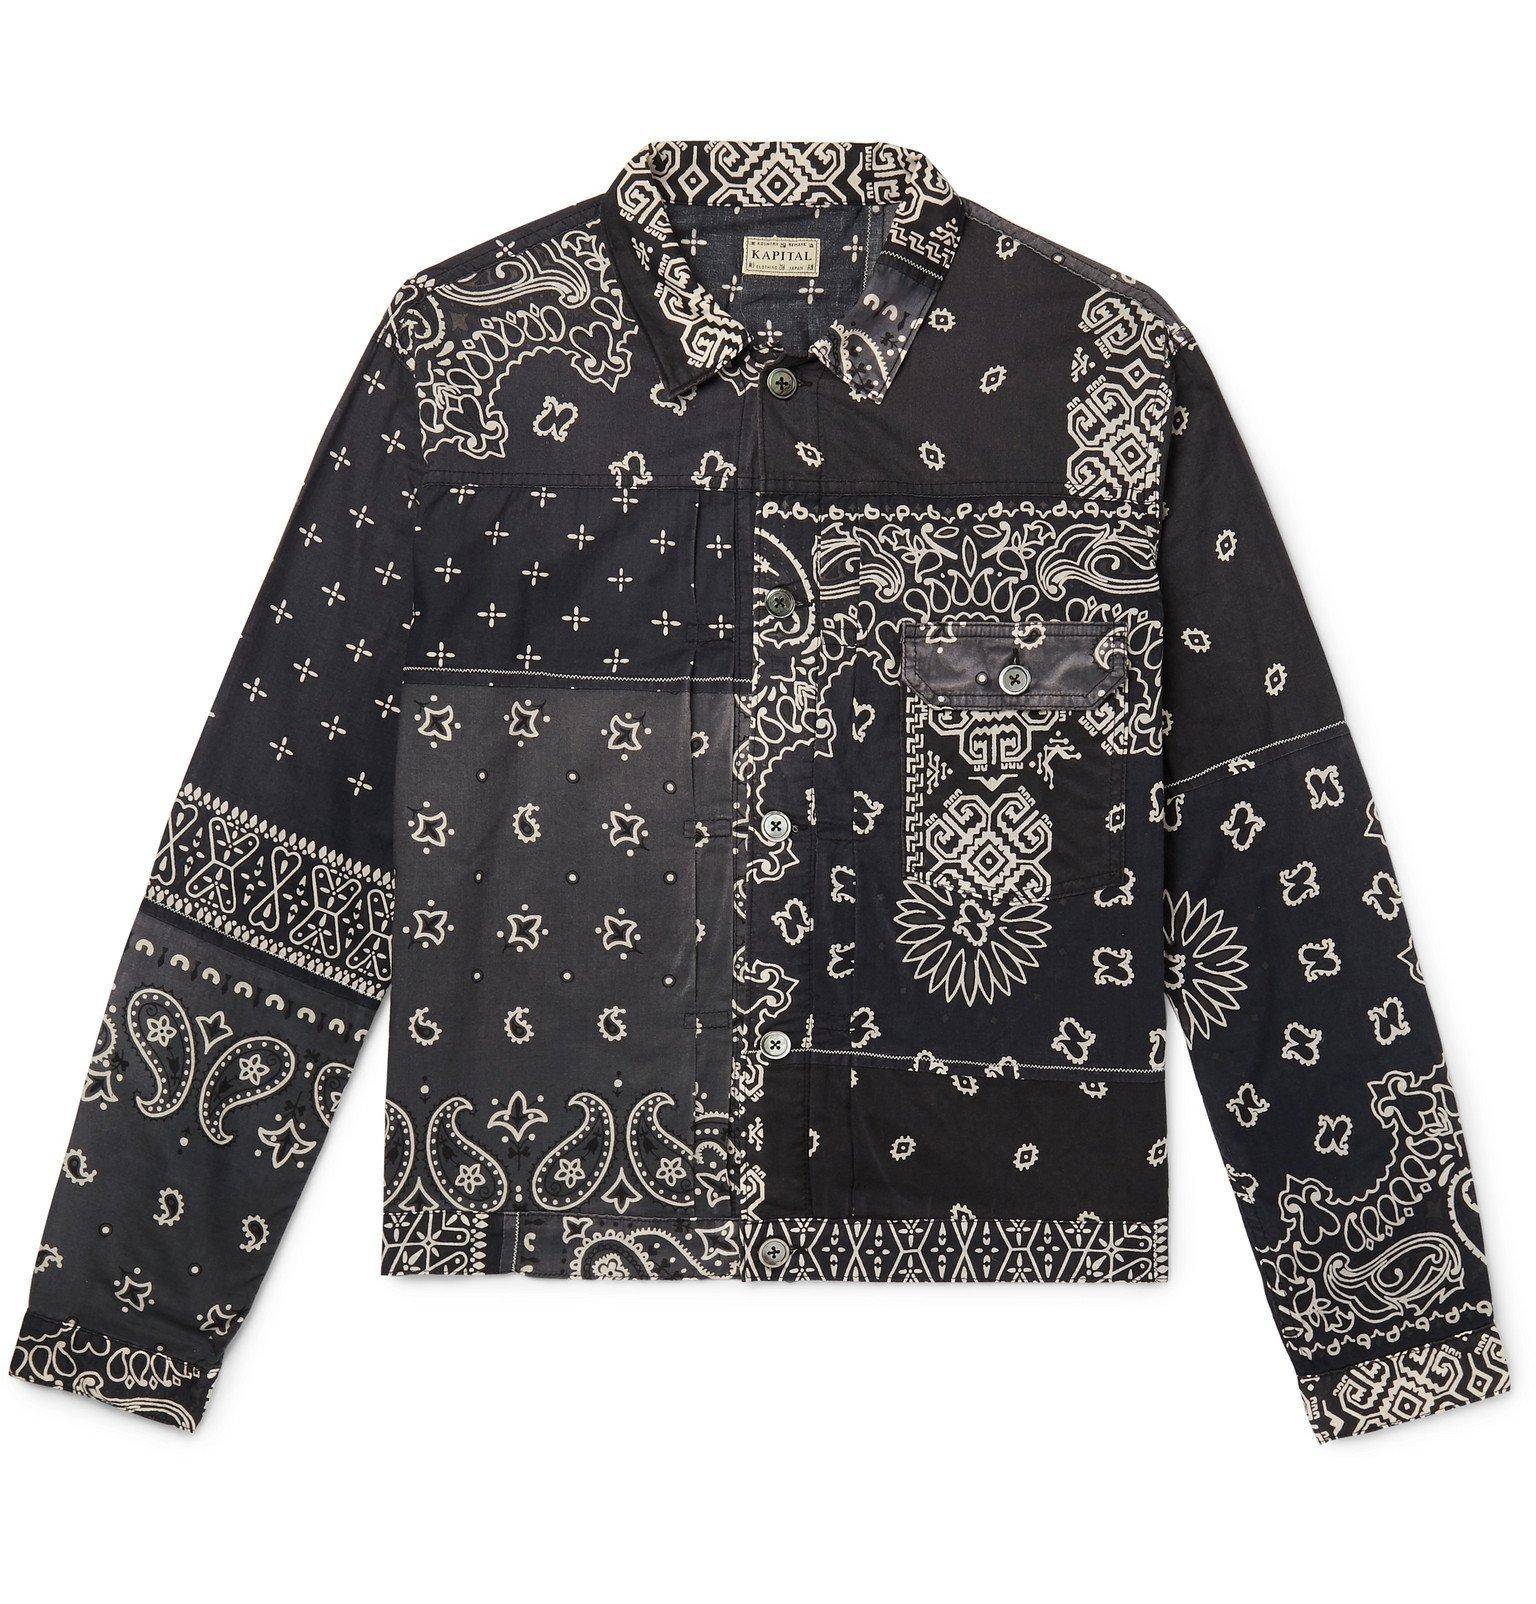 KAPITAL - Patchwork Bandana-Print Cotton Trucker Jacket - Black